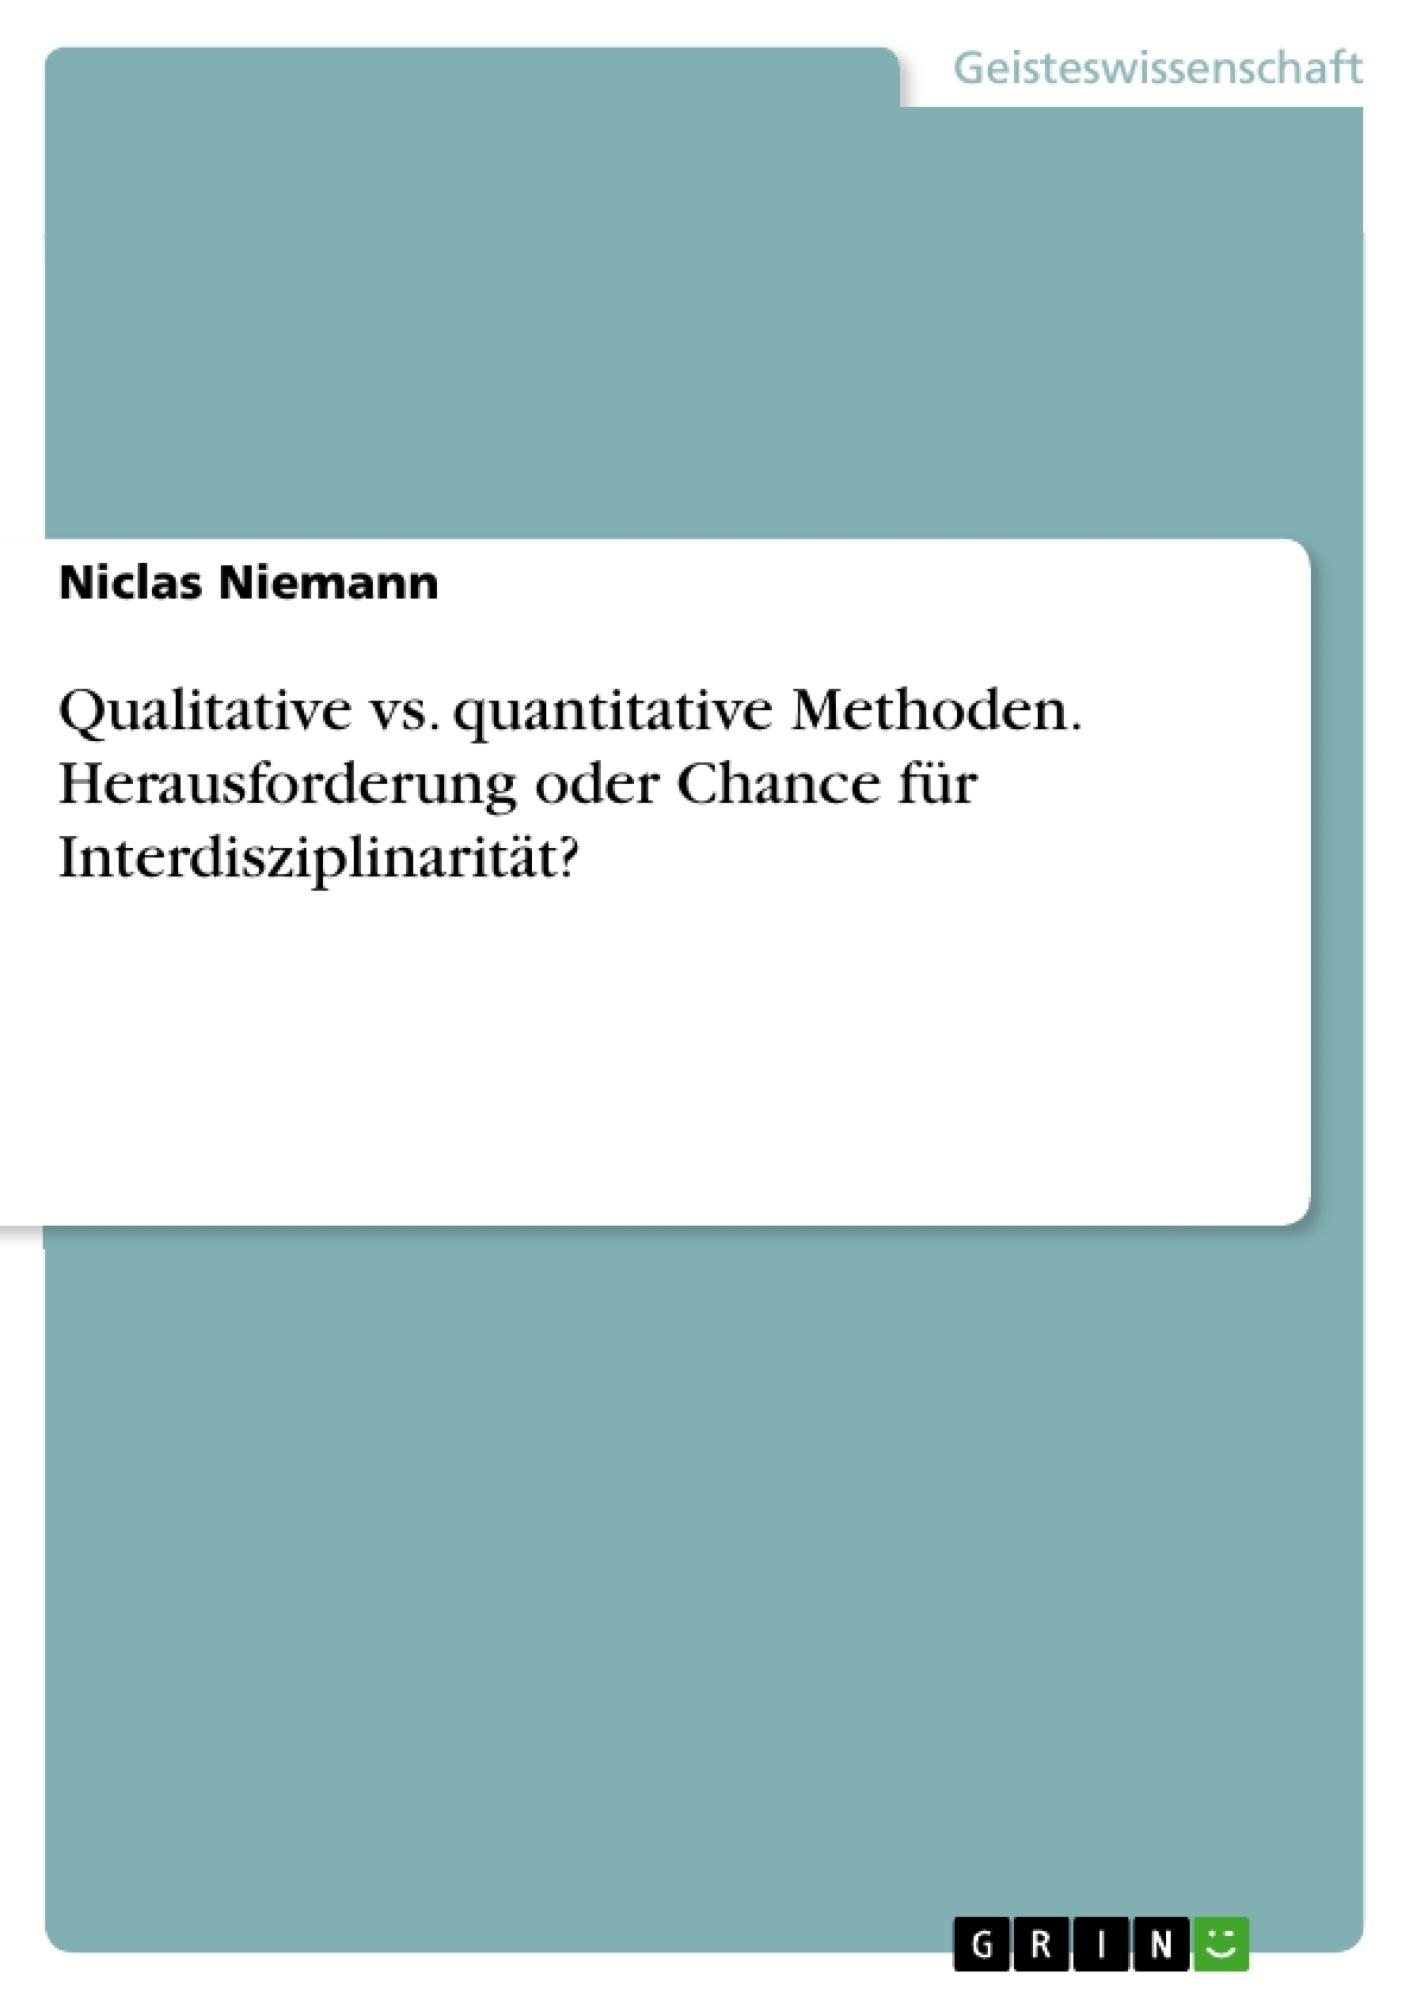 Titel: Qualitative vs. quantitative Methoden. Herausforderung oder Chance für Interdisziplinarität?